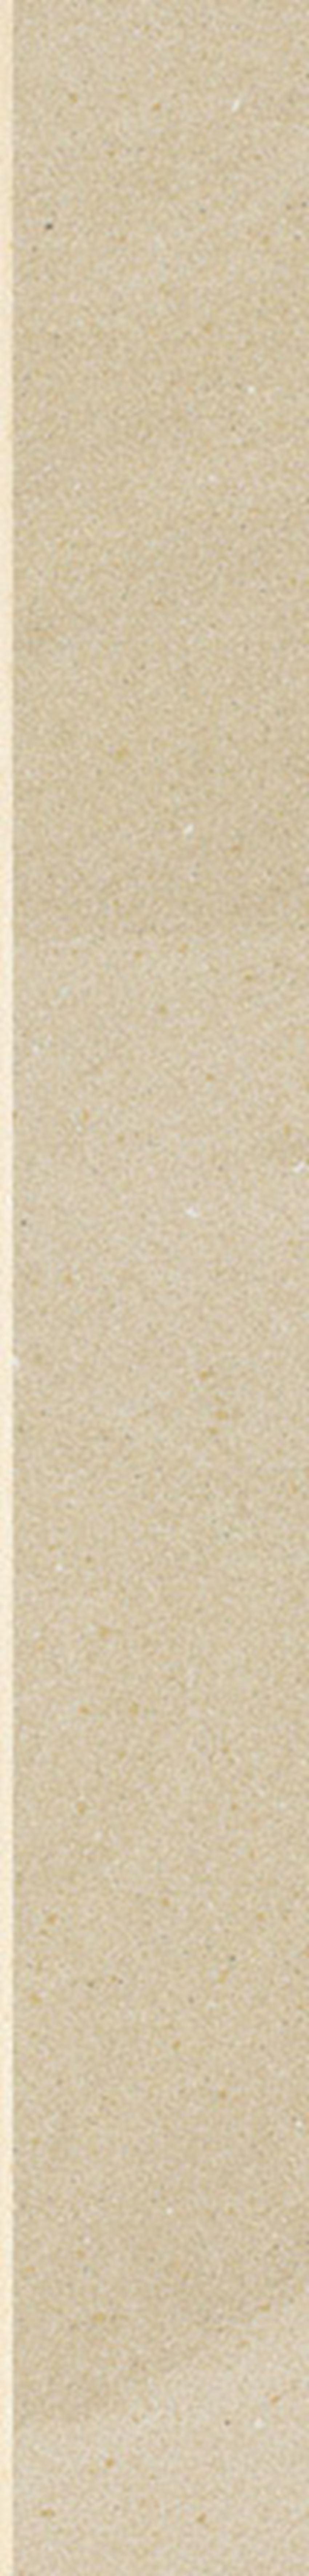 Płytka cokołowa 7,2x59,8 cm Paradyż Rockstone Beige Cokół Poler